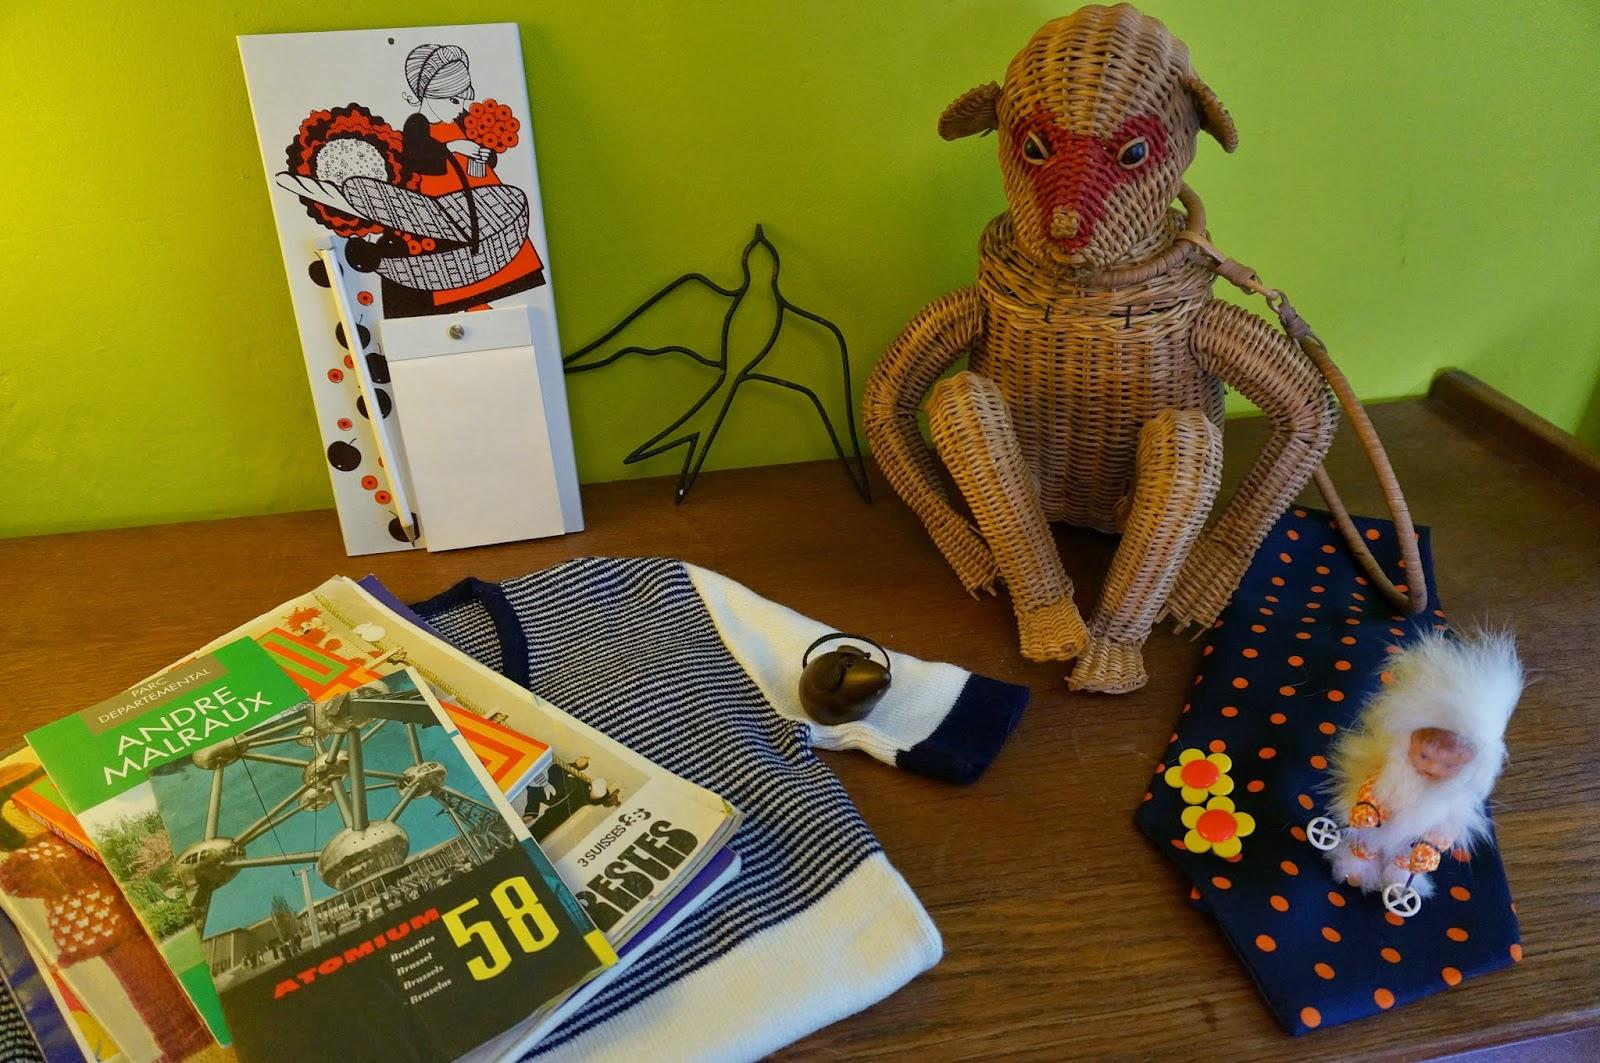 """1950 50s 1960 60s 1970 70s atomium monkey wicker purse bag handbag mid century mouse blue swallow twiggy flower orange yellow earrings skier Petite récolte à deux pas de la maison ,  et la flemme de poser des mots à foison !      Un sac en osier singe des années 50      Une hirondelle en métal     Une souris en teck     Une figurine velue de Marielle Goitschel      Un bloc note  pour noter les courses (""""Haine ! Haine ! Haine ! - LSD"""" par exemple)      Un tricot , des boucles d'oreilles et une cravate pour l' épate      Des magazines de bricolage / loisirs et des prospectus pour le tourisme Bruxellois . basket"""